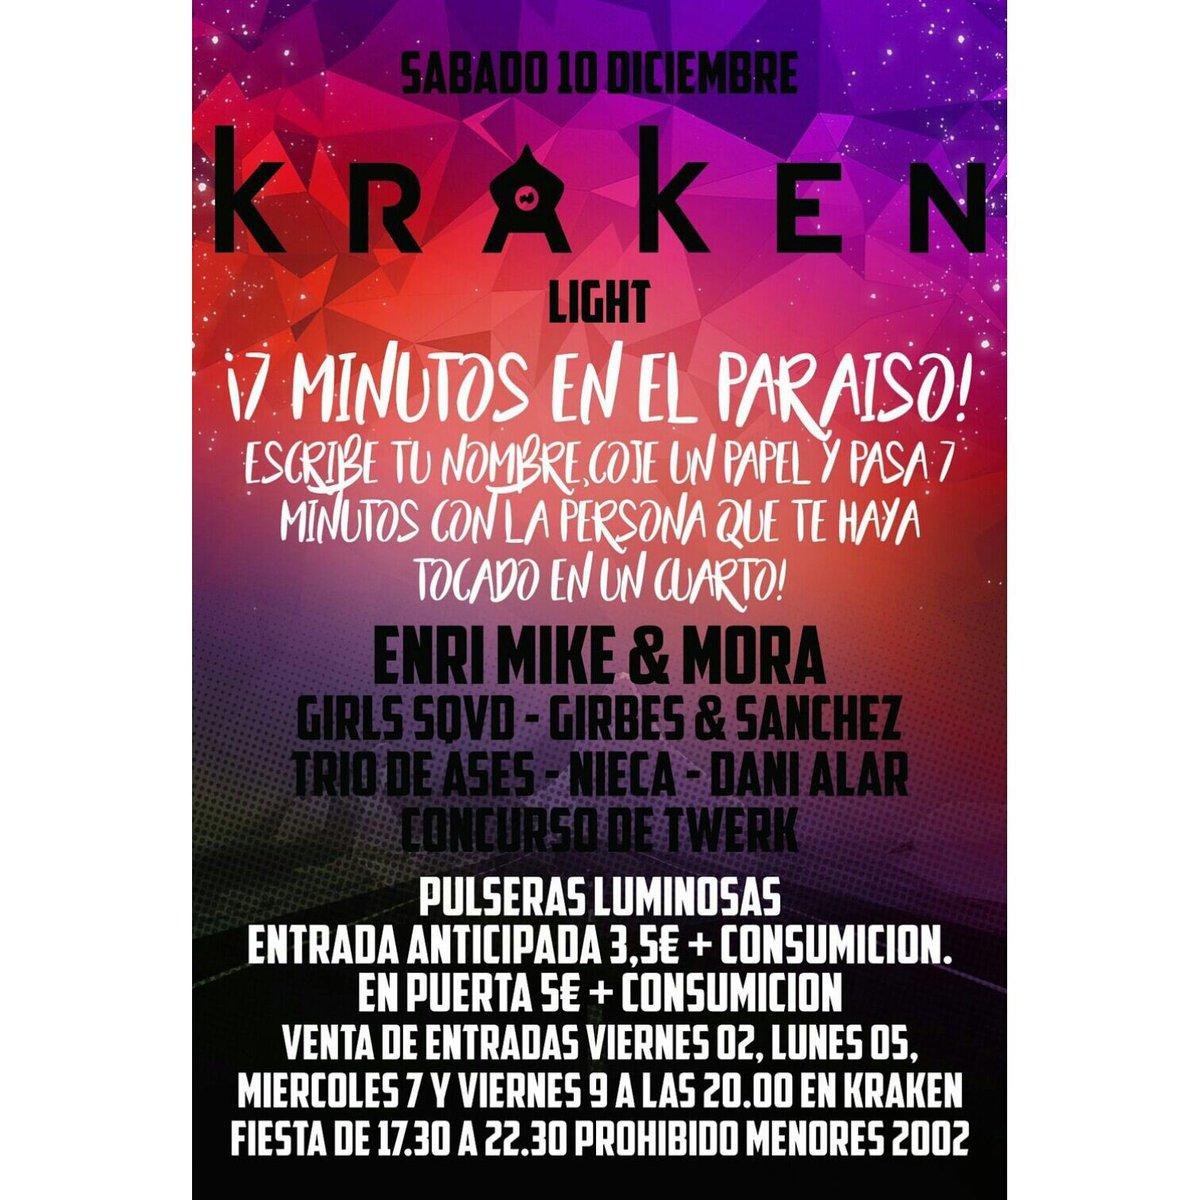 Kraken Light On Twitter Aqui Os Presentamos Nuestra Proxima Fiesta